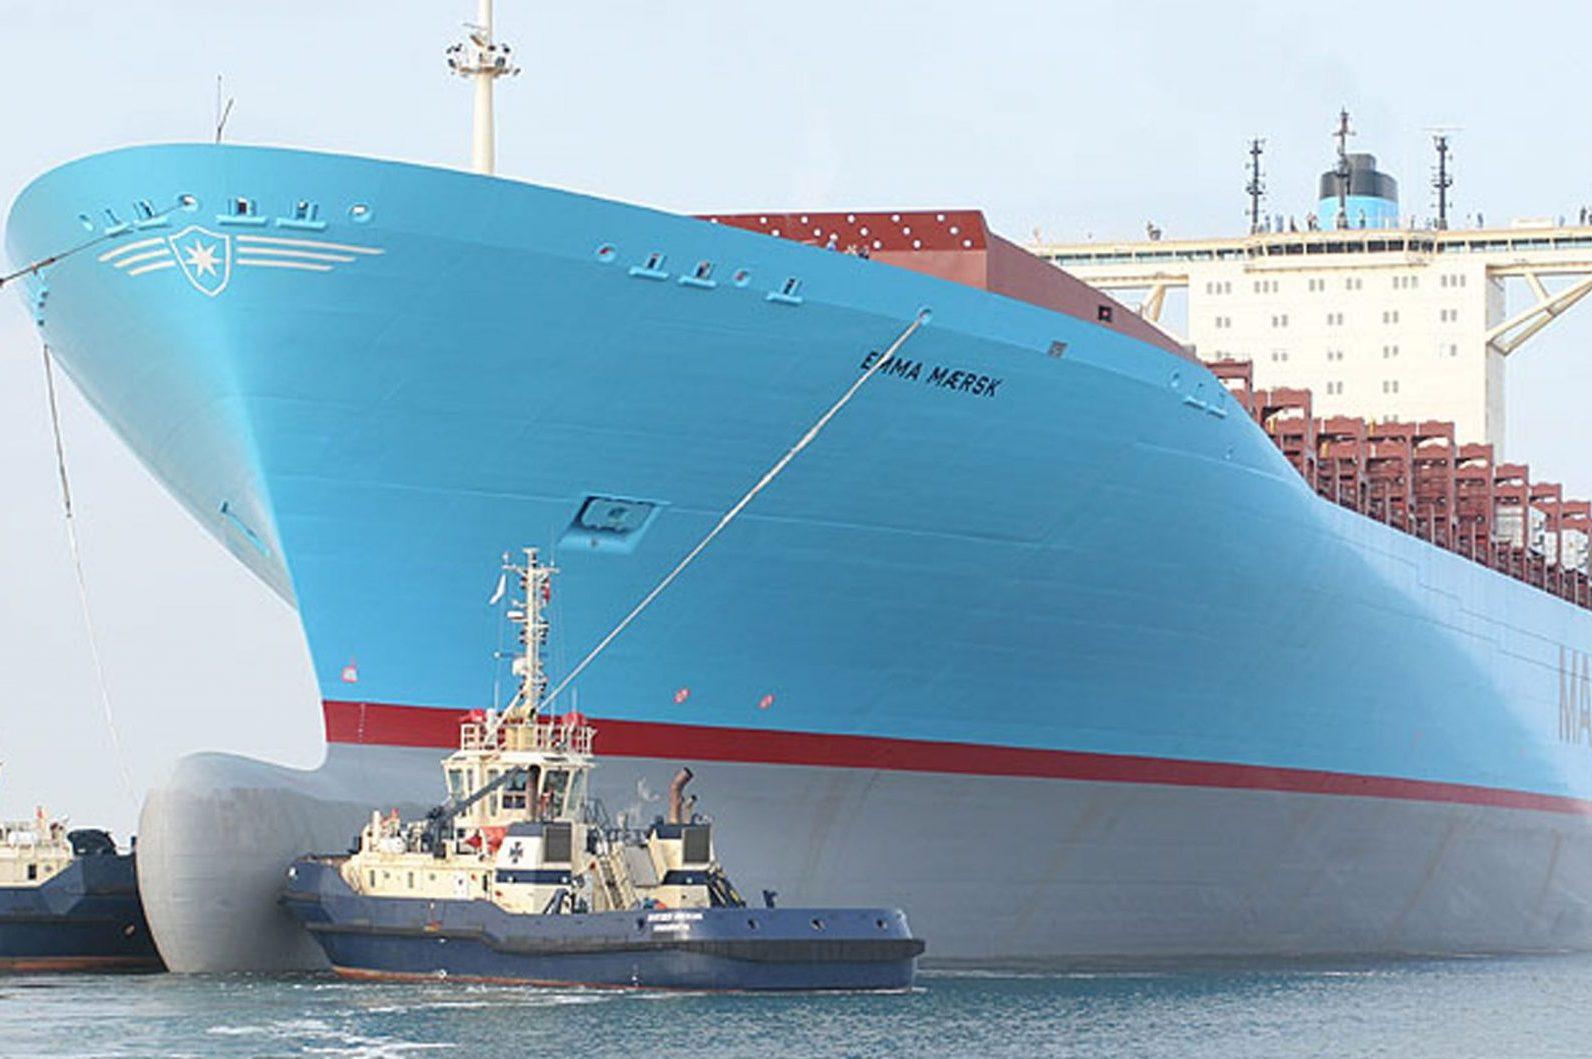 Zwei Schlepper manövrieren ein Containerschiff